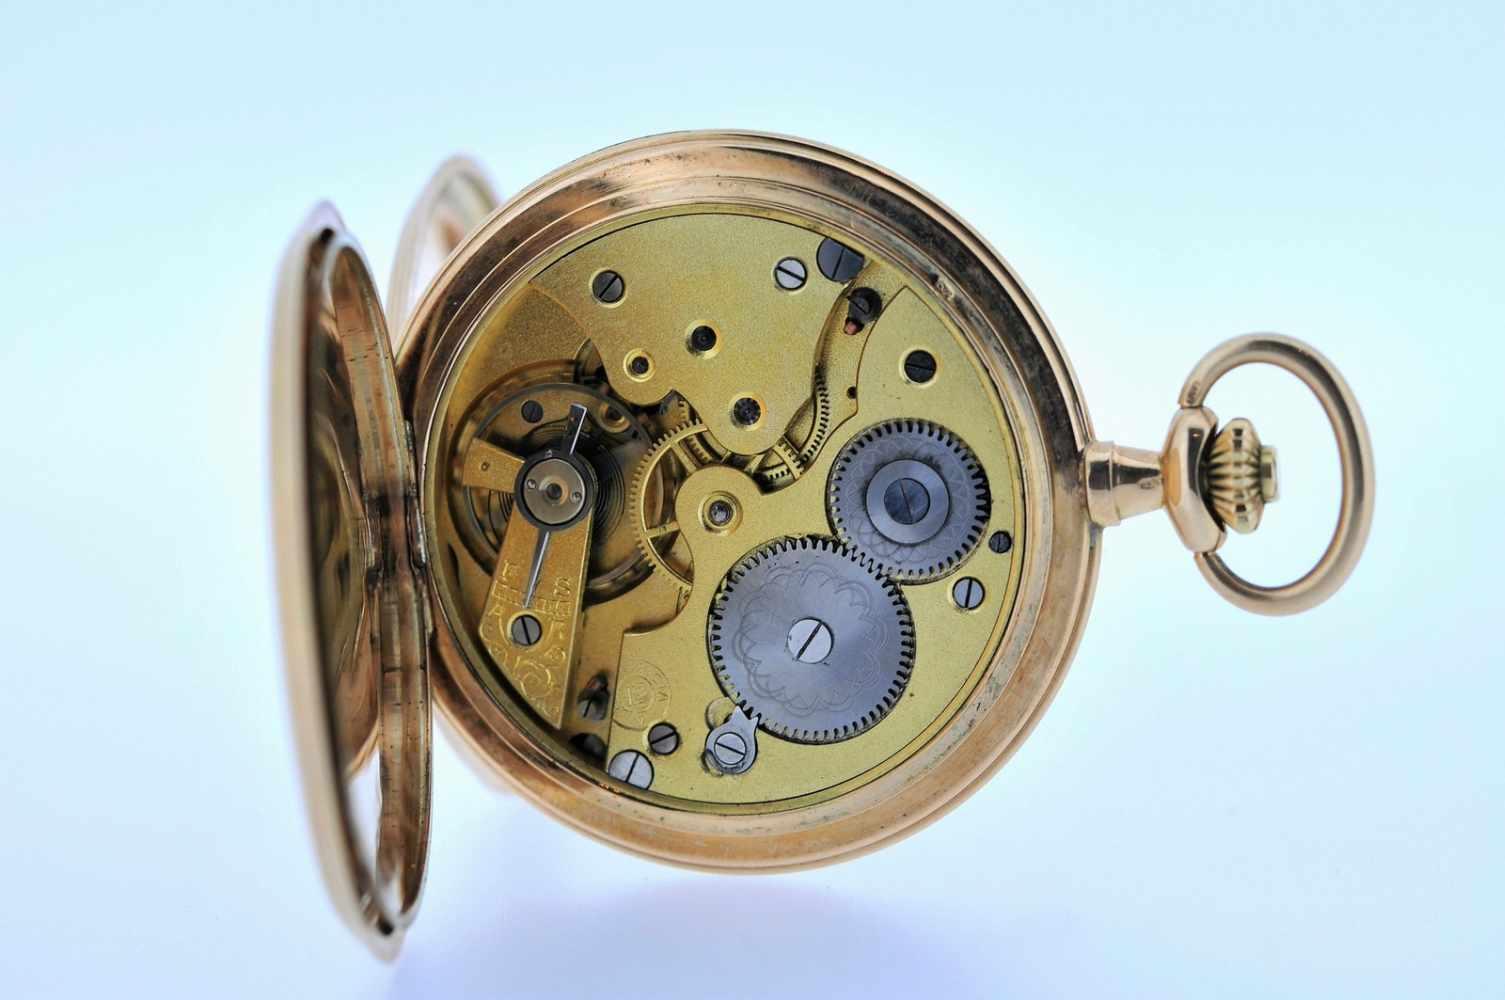 Goldene Herrentaschenuhr Goldene Herrentaschenuhr mit kleiner Sekunde, Elegancia, Breguetspirale, - Bild 4 aus 4